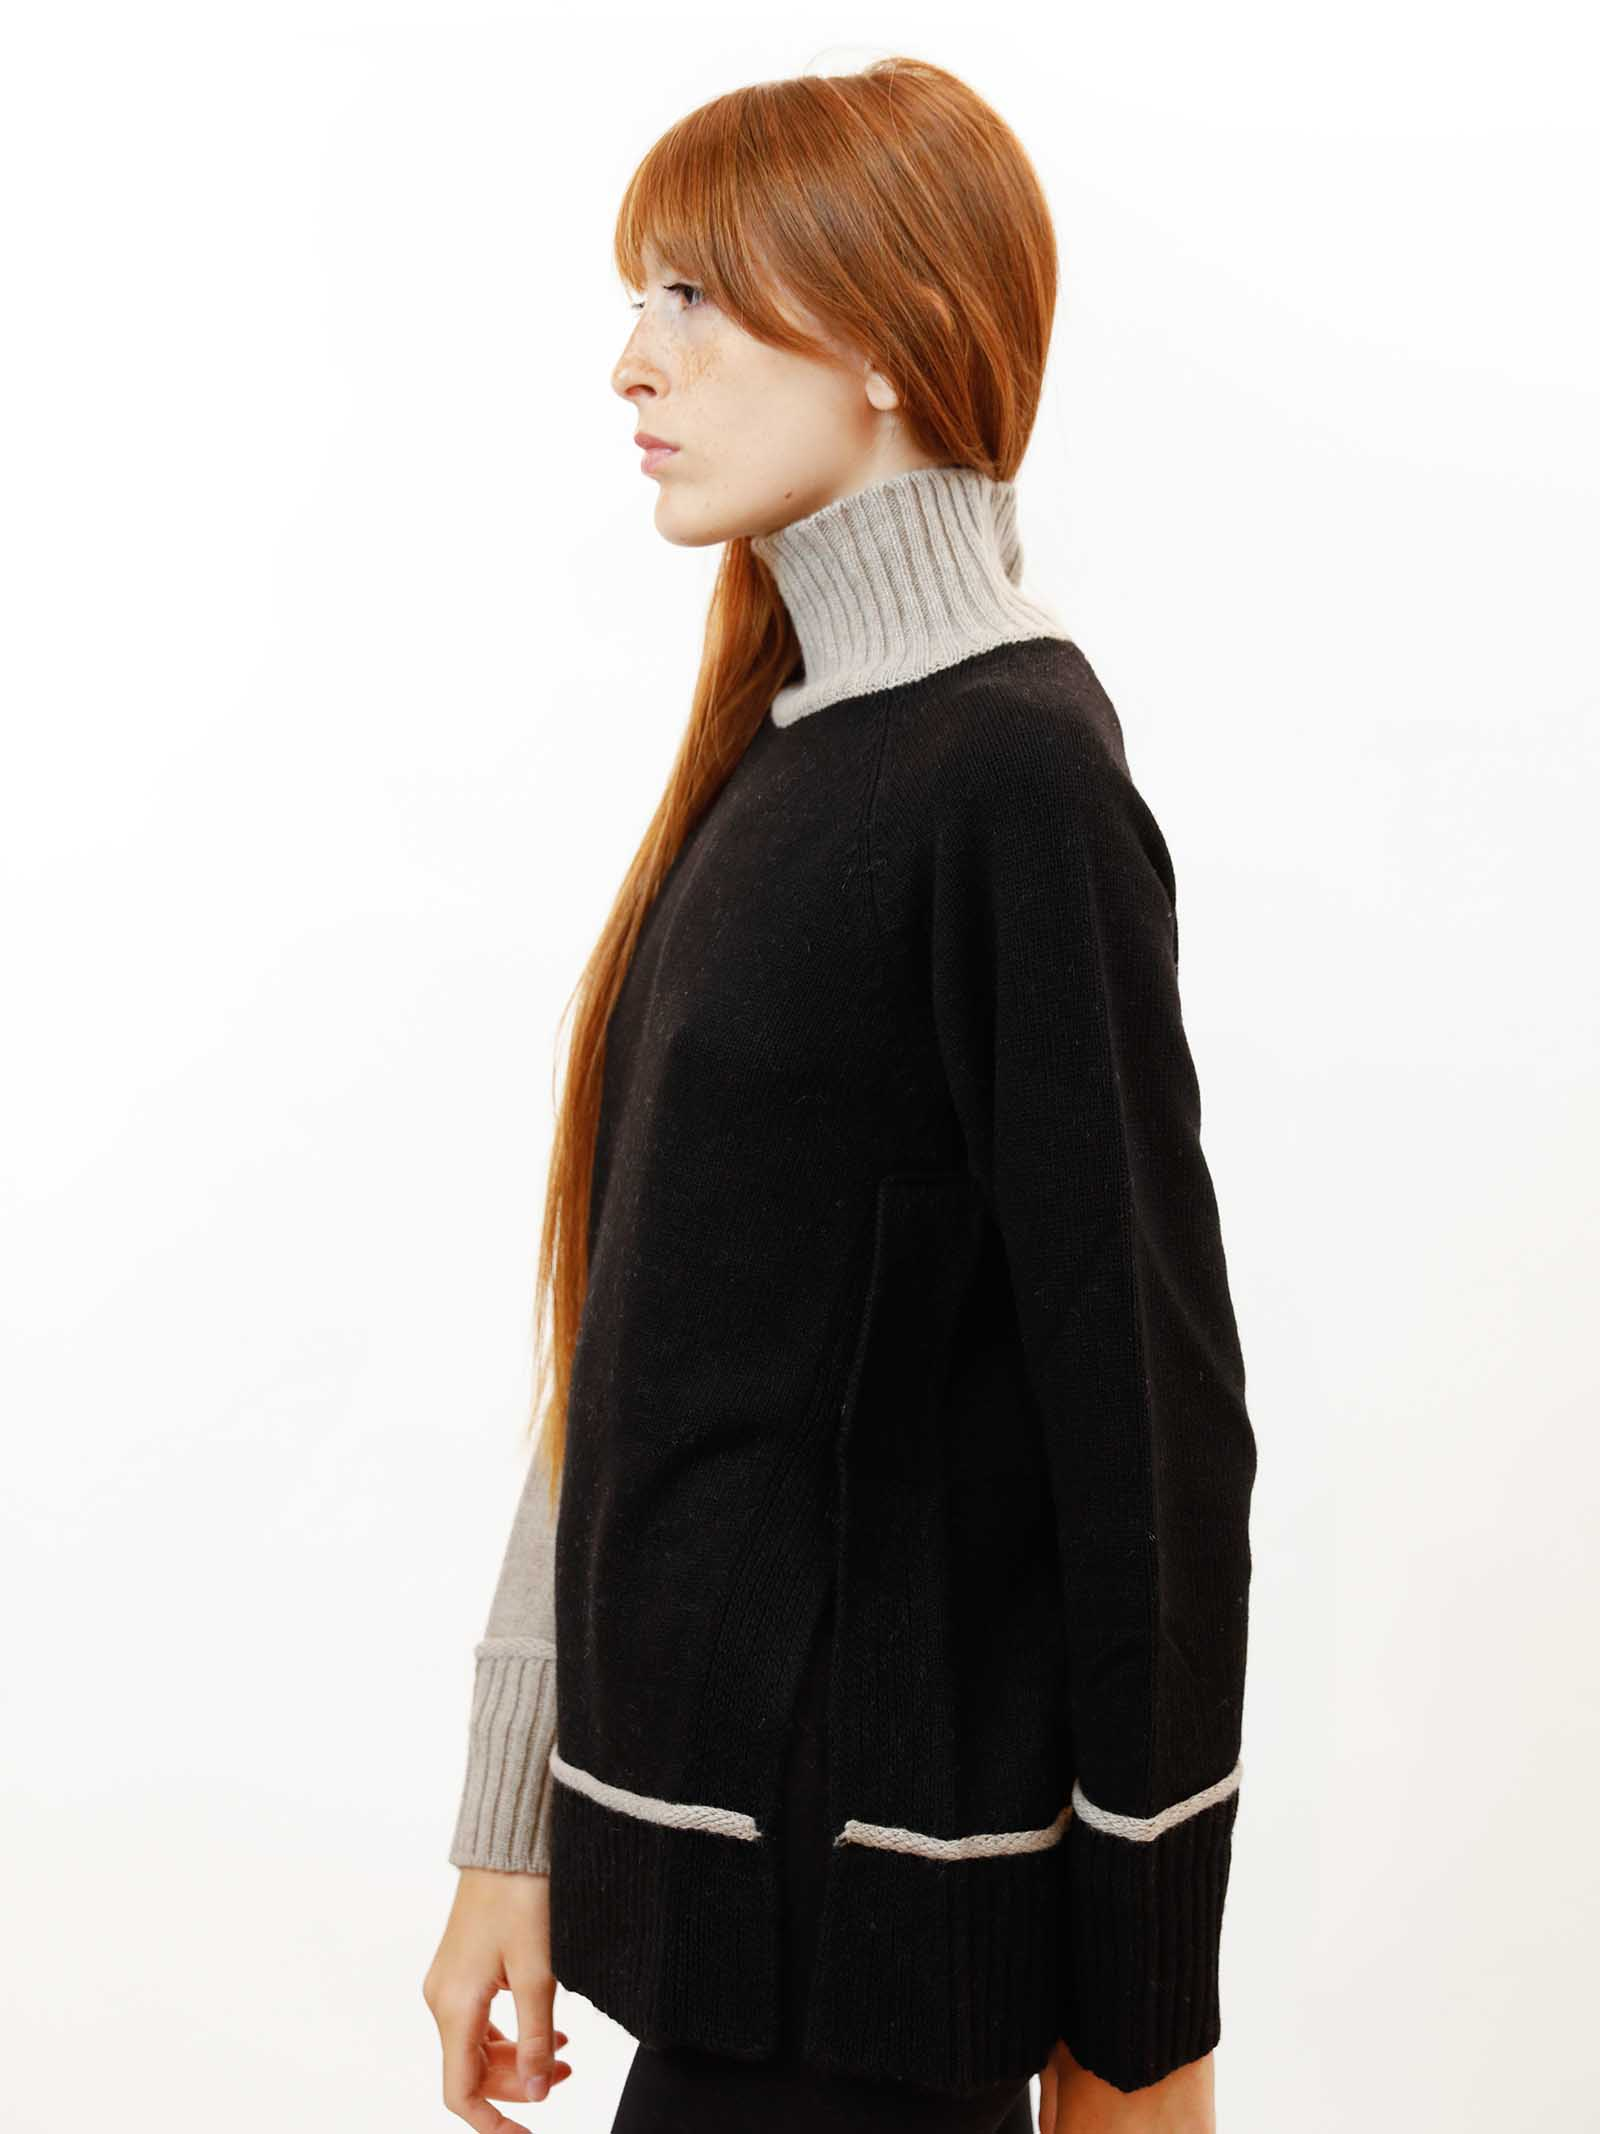 Abbigliamento Maglione Donna Cachemire Merinos Collo Alto in Nero e Beige Maliparmi | Maglieria | JQ48877431520B12